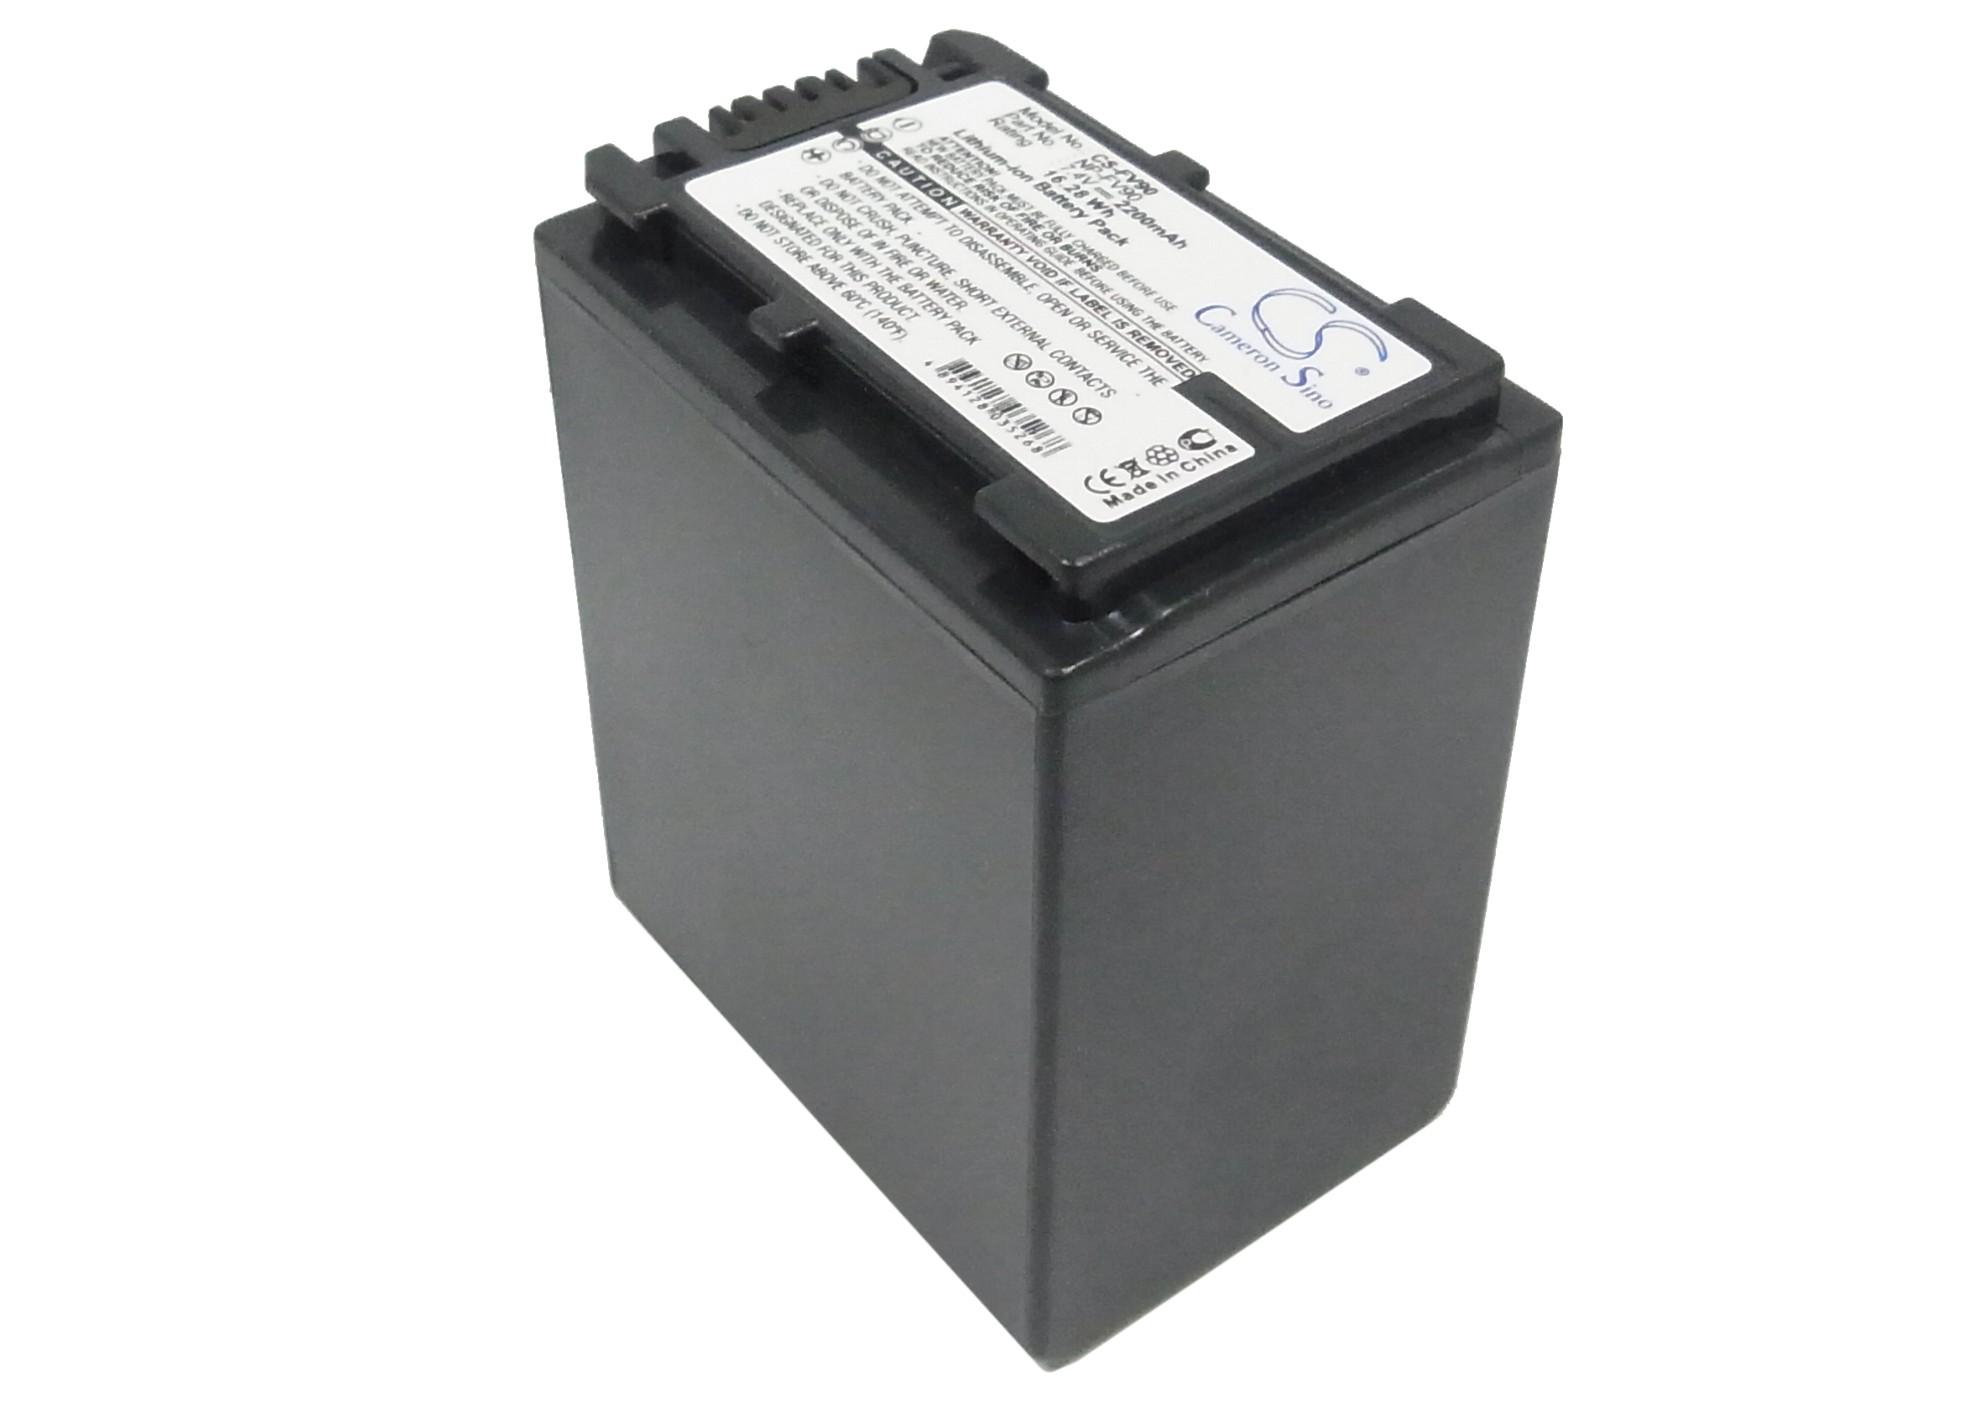 Cameron Sino baterie do kamer a fotoaparátů pro SONY DCR-SR68E/S 7.4V Li-ion 2200mAh černá - neoriginální